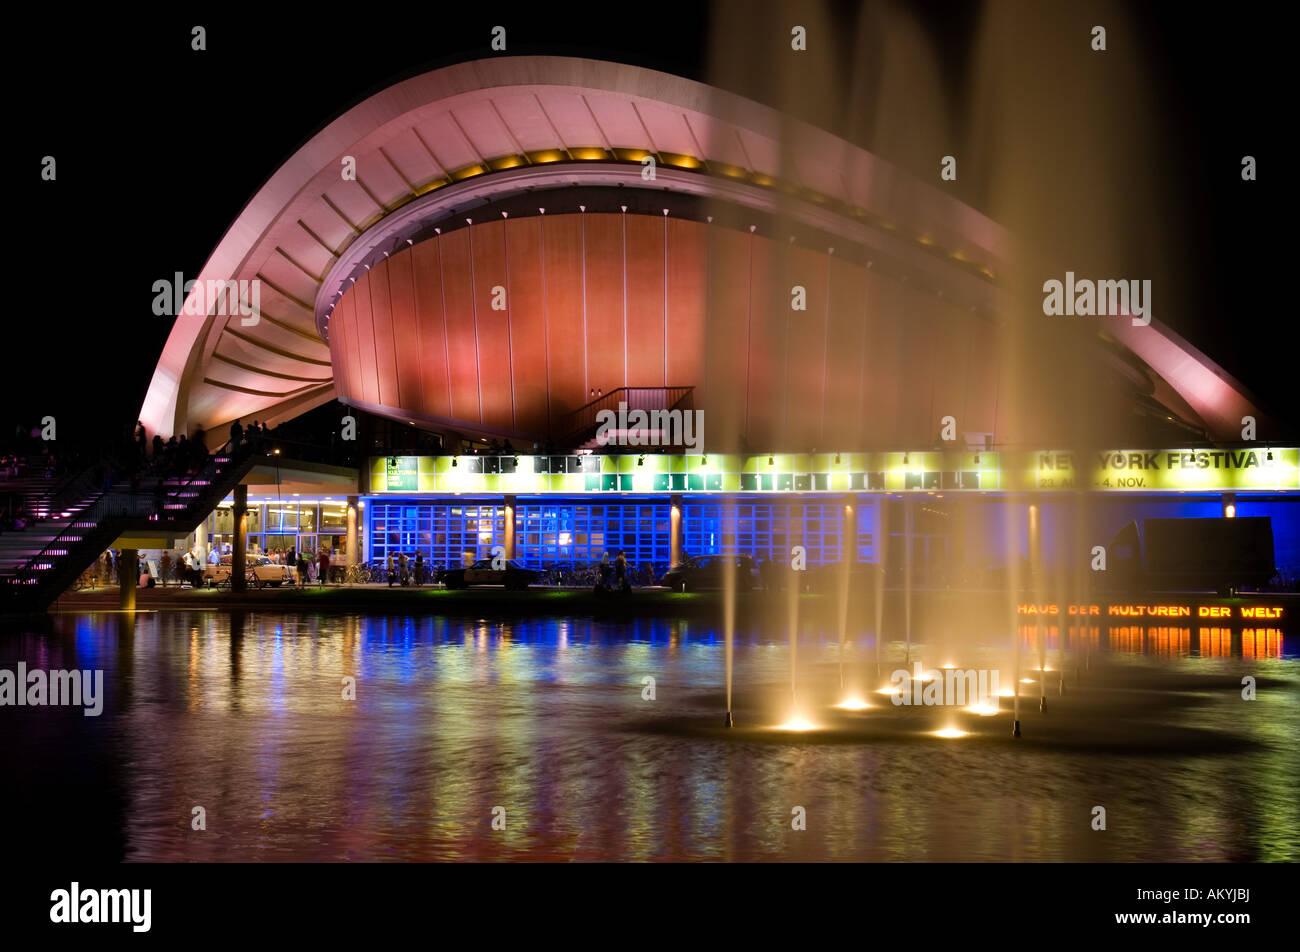 Dans la soirée, maison des cultures du monde, Berlin, Allemagne Photo Stock